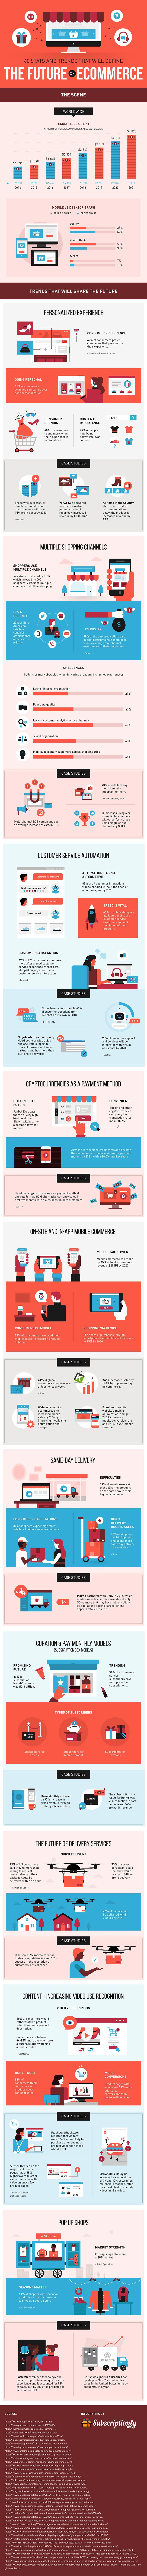 Future of E-Commerce